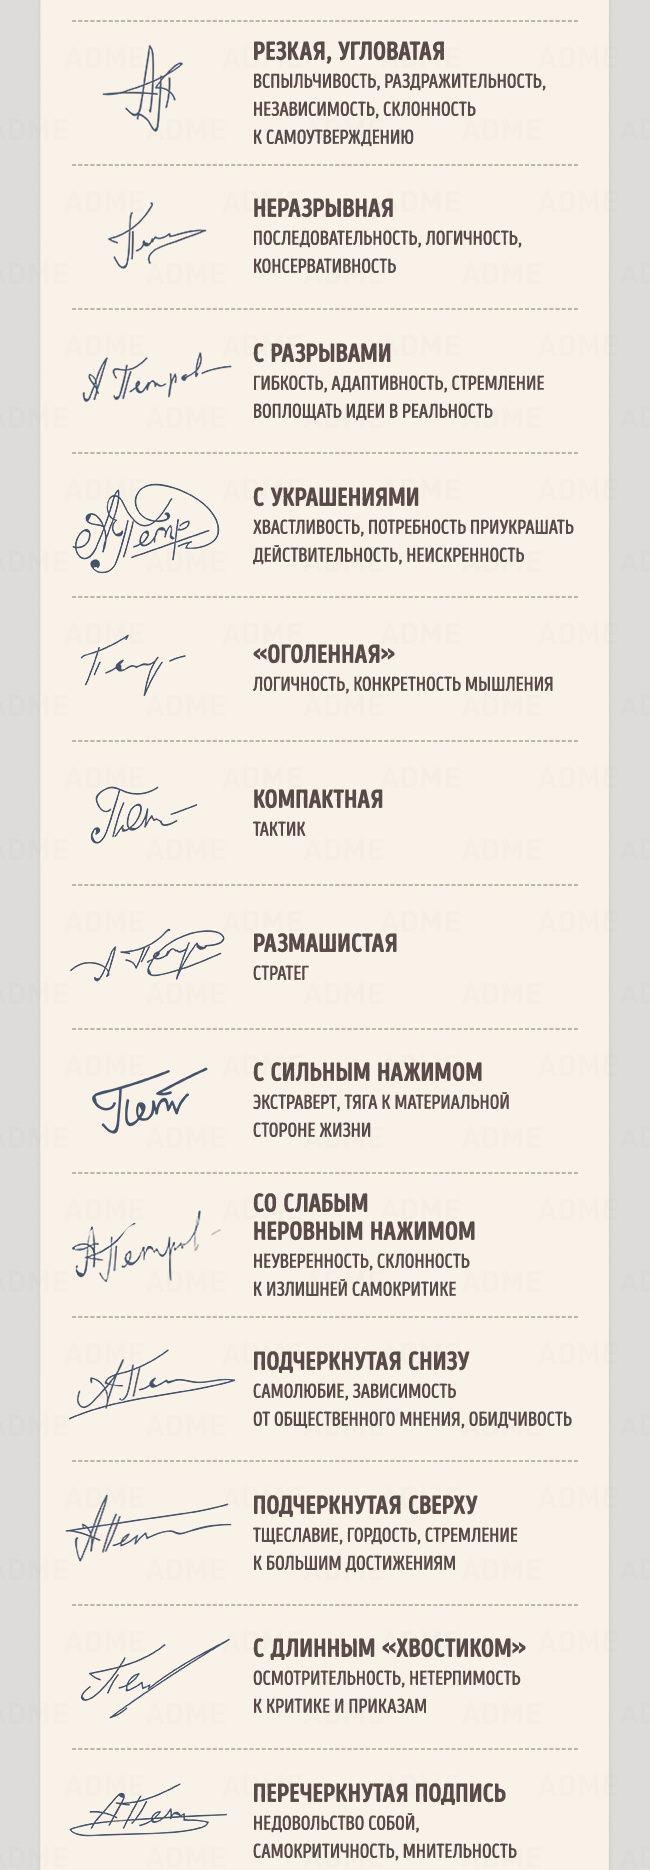 Покажи свой автограф, ияскажу тебе, ктоты.